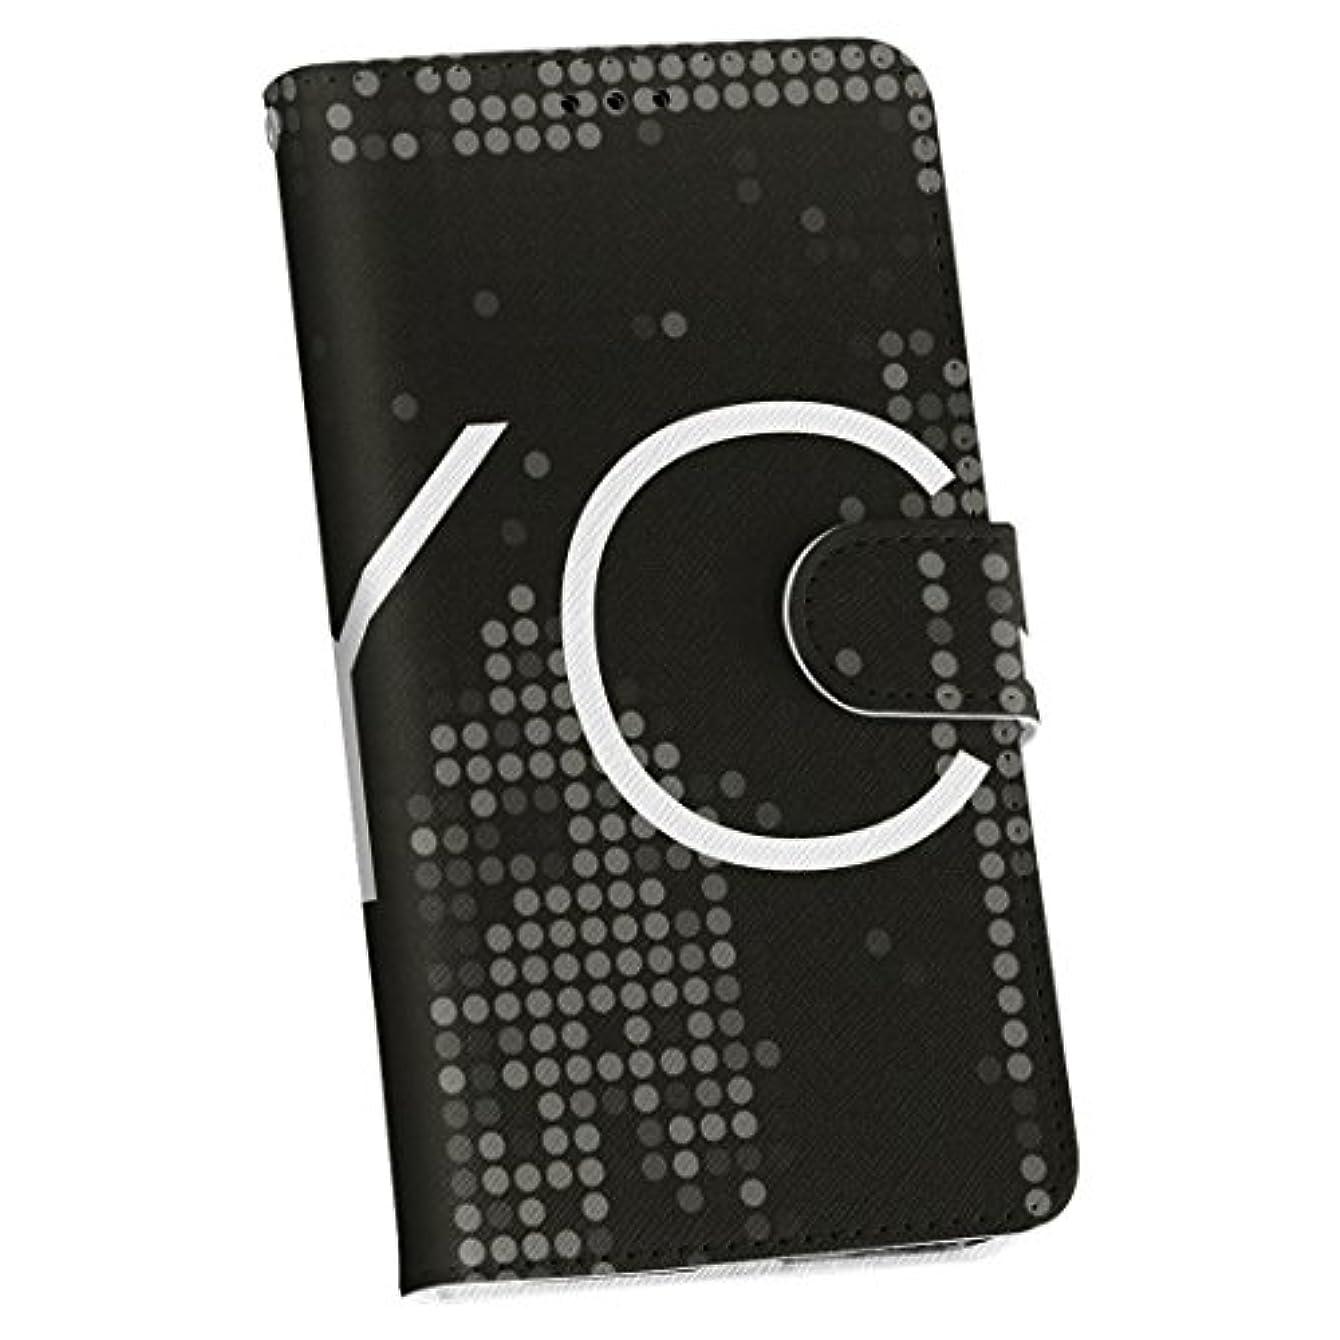 考え膨らみ器用igcase Galaxy A20 SC-02M SCV46 専用 ケース カバー 手帳 AU DOCOMO UQ スマコレ 手帳型 レザー 手帳タイプ 革 sc02m スマホケース スマホカバー 014422 風景 景色 外国